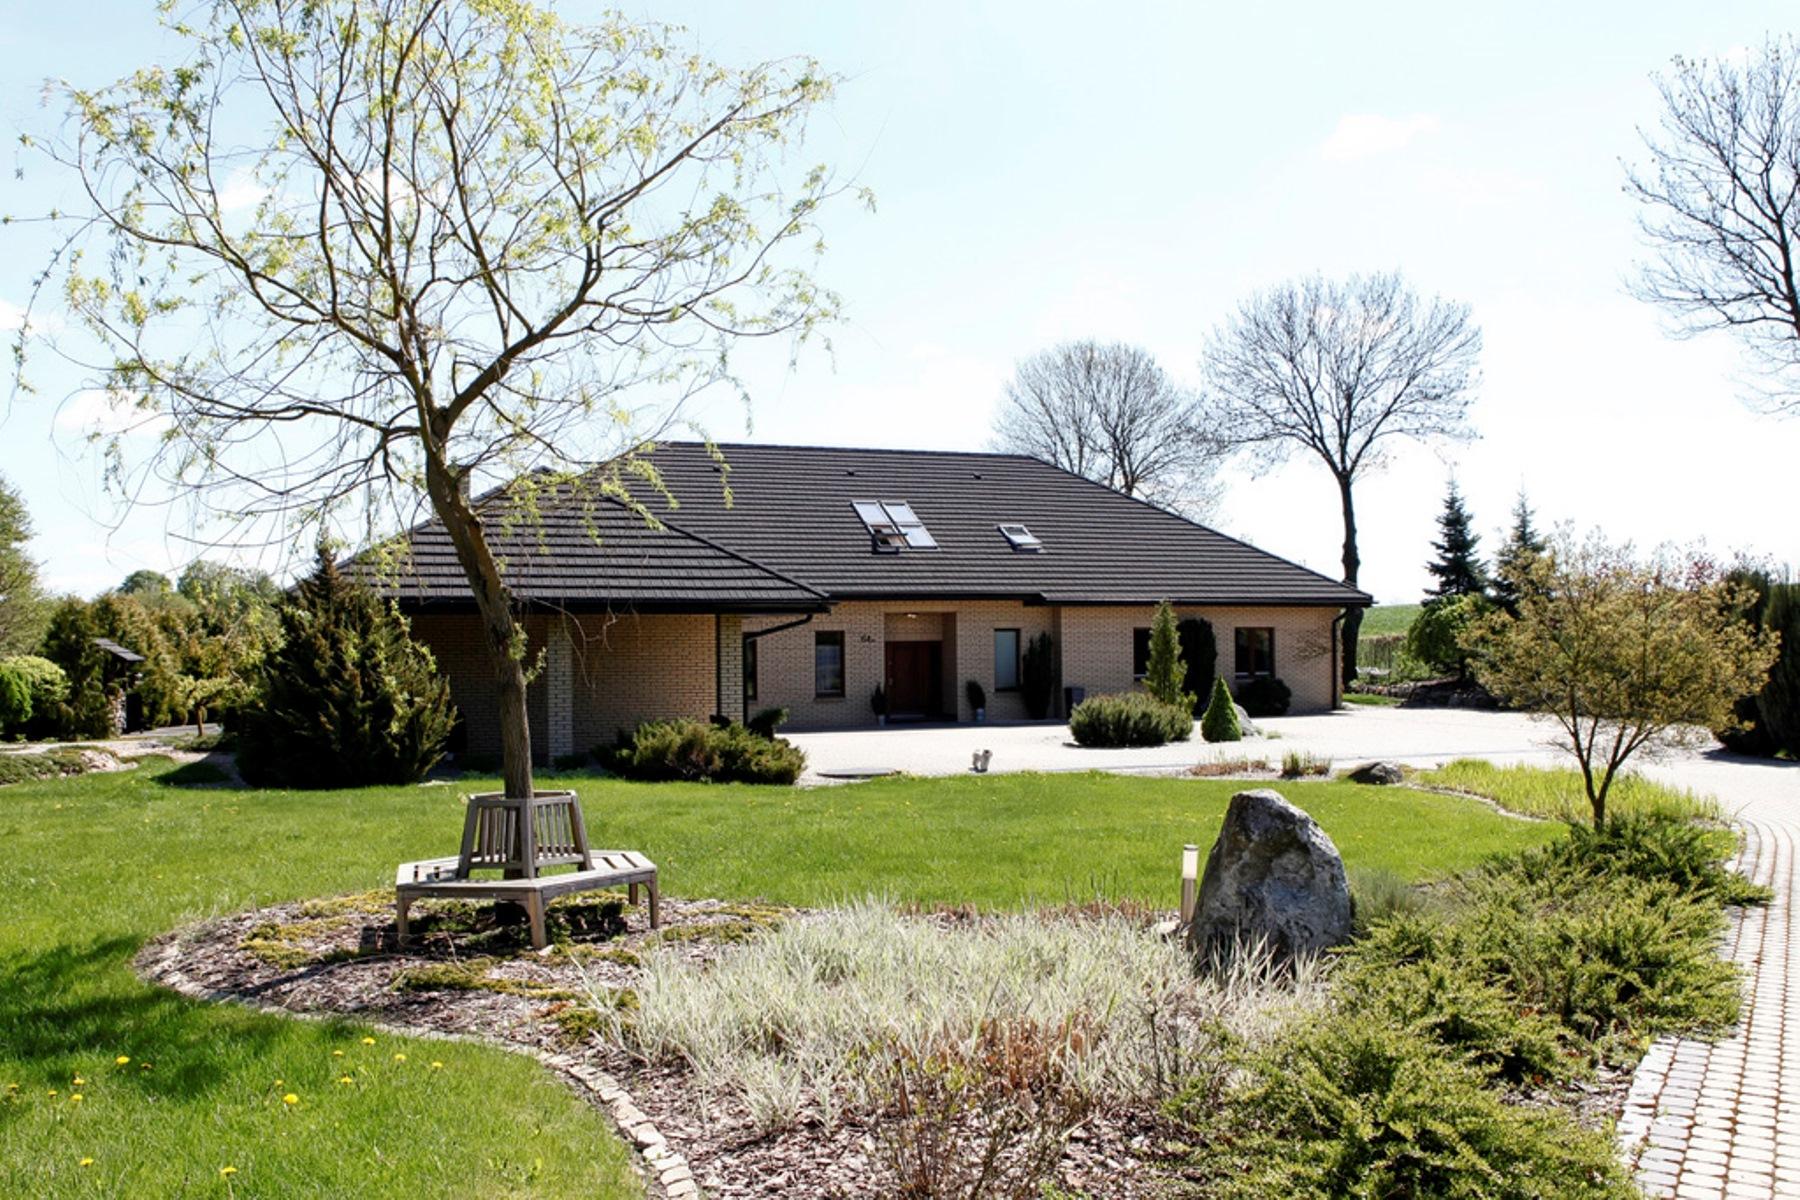 Частный односемейный дом для того Продажа на Brodnica - Polna Bydgoszcz, Kuyavian Pomeranian, Польша